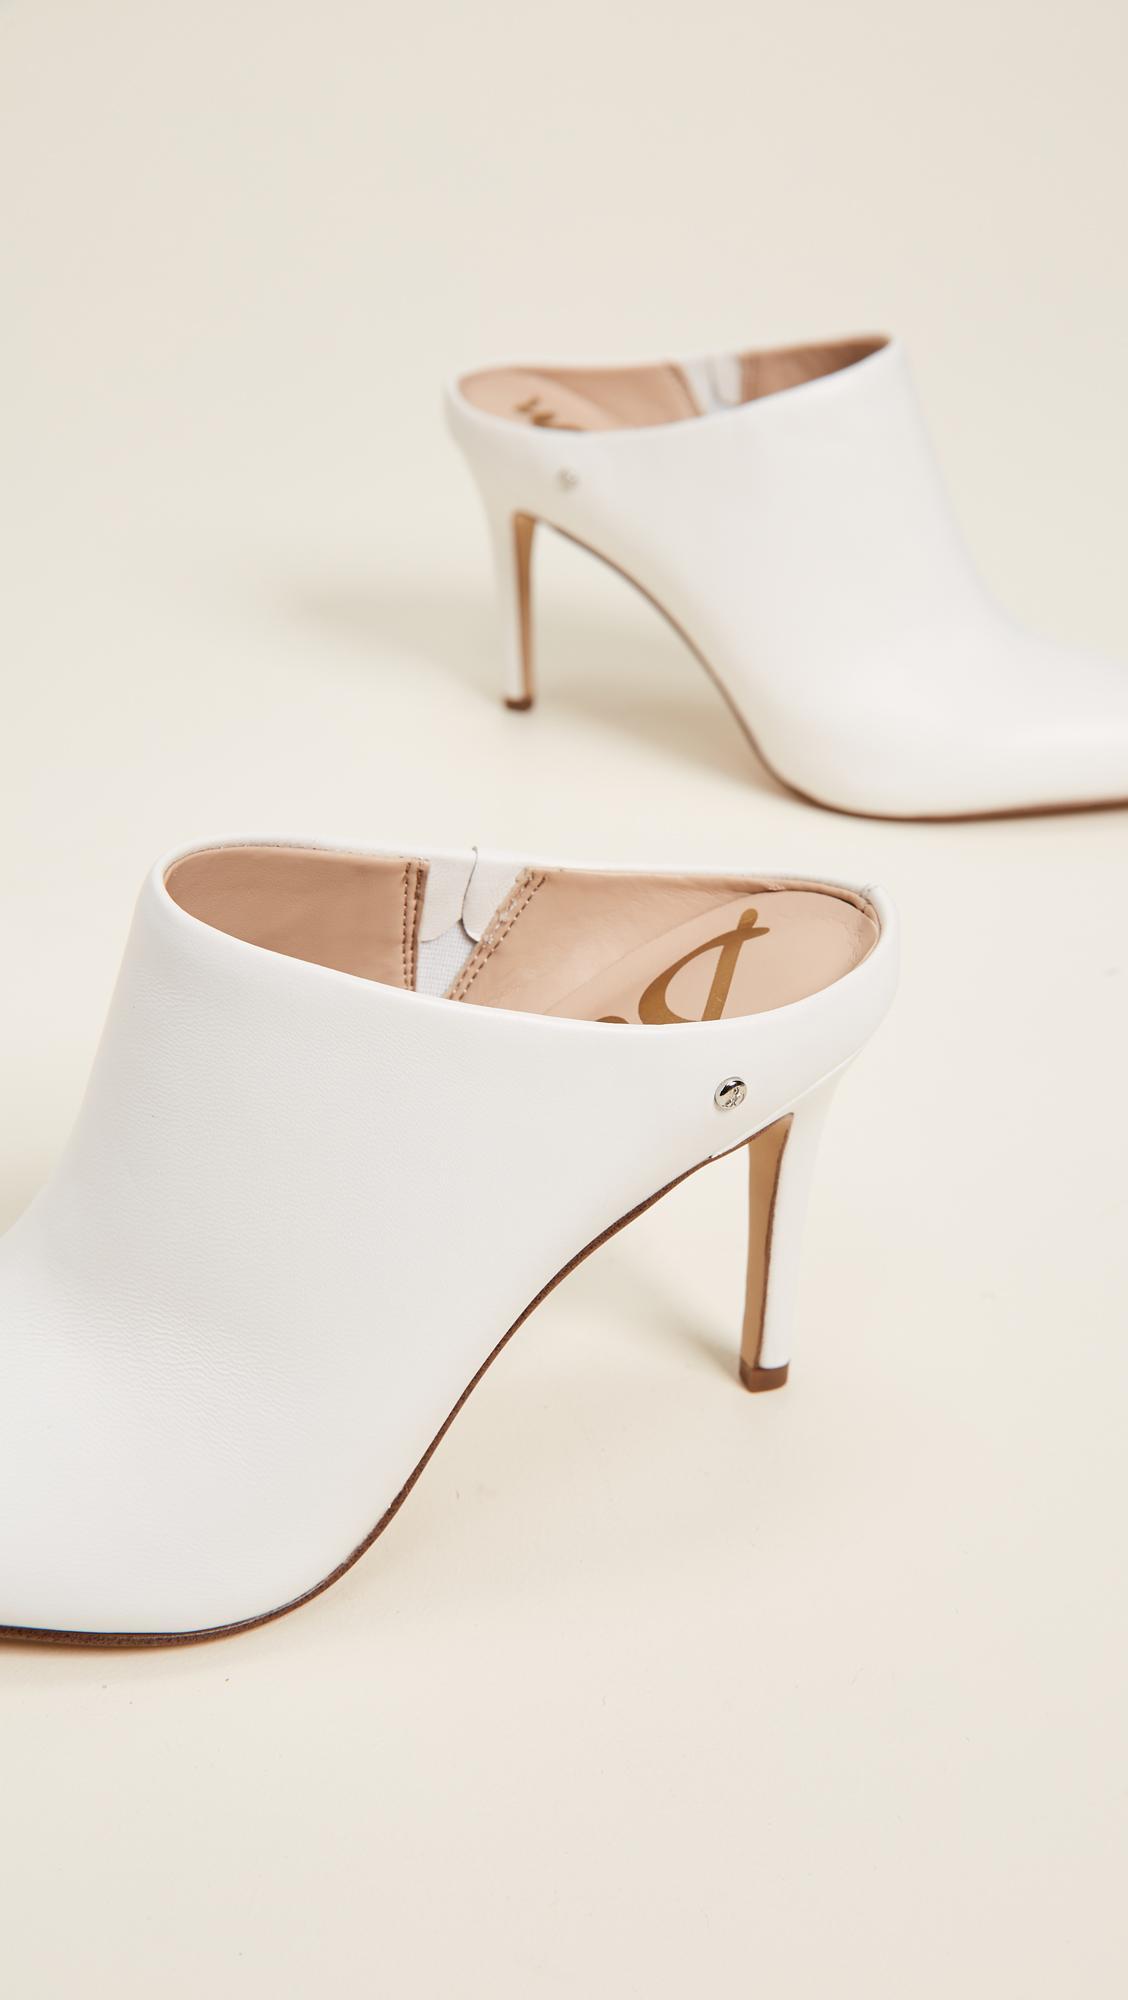 f028157510ef2 Sam Edelman Oran Mules In Bright White